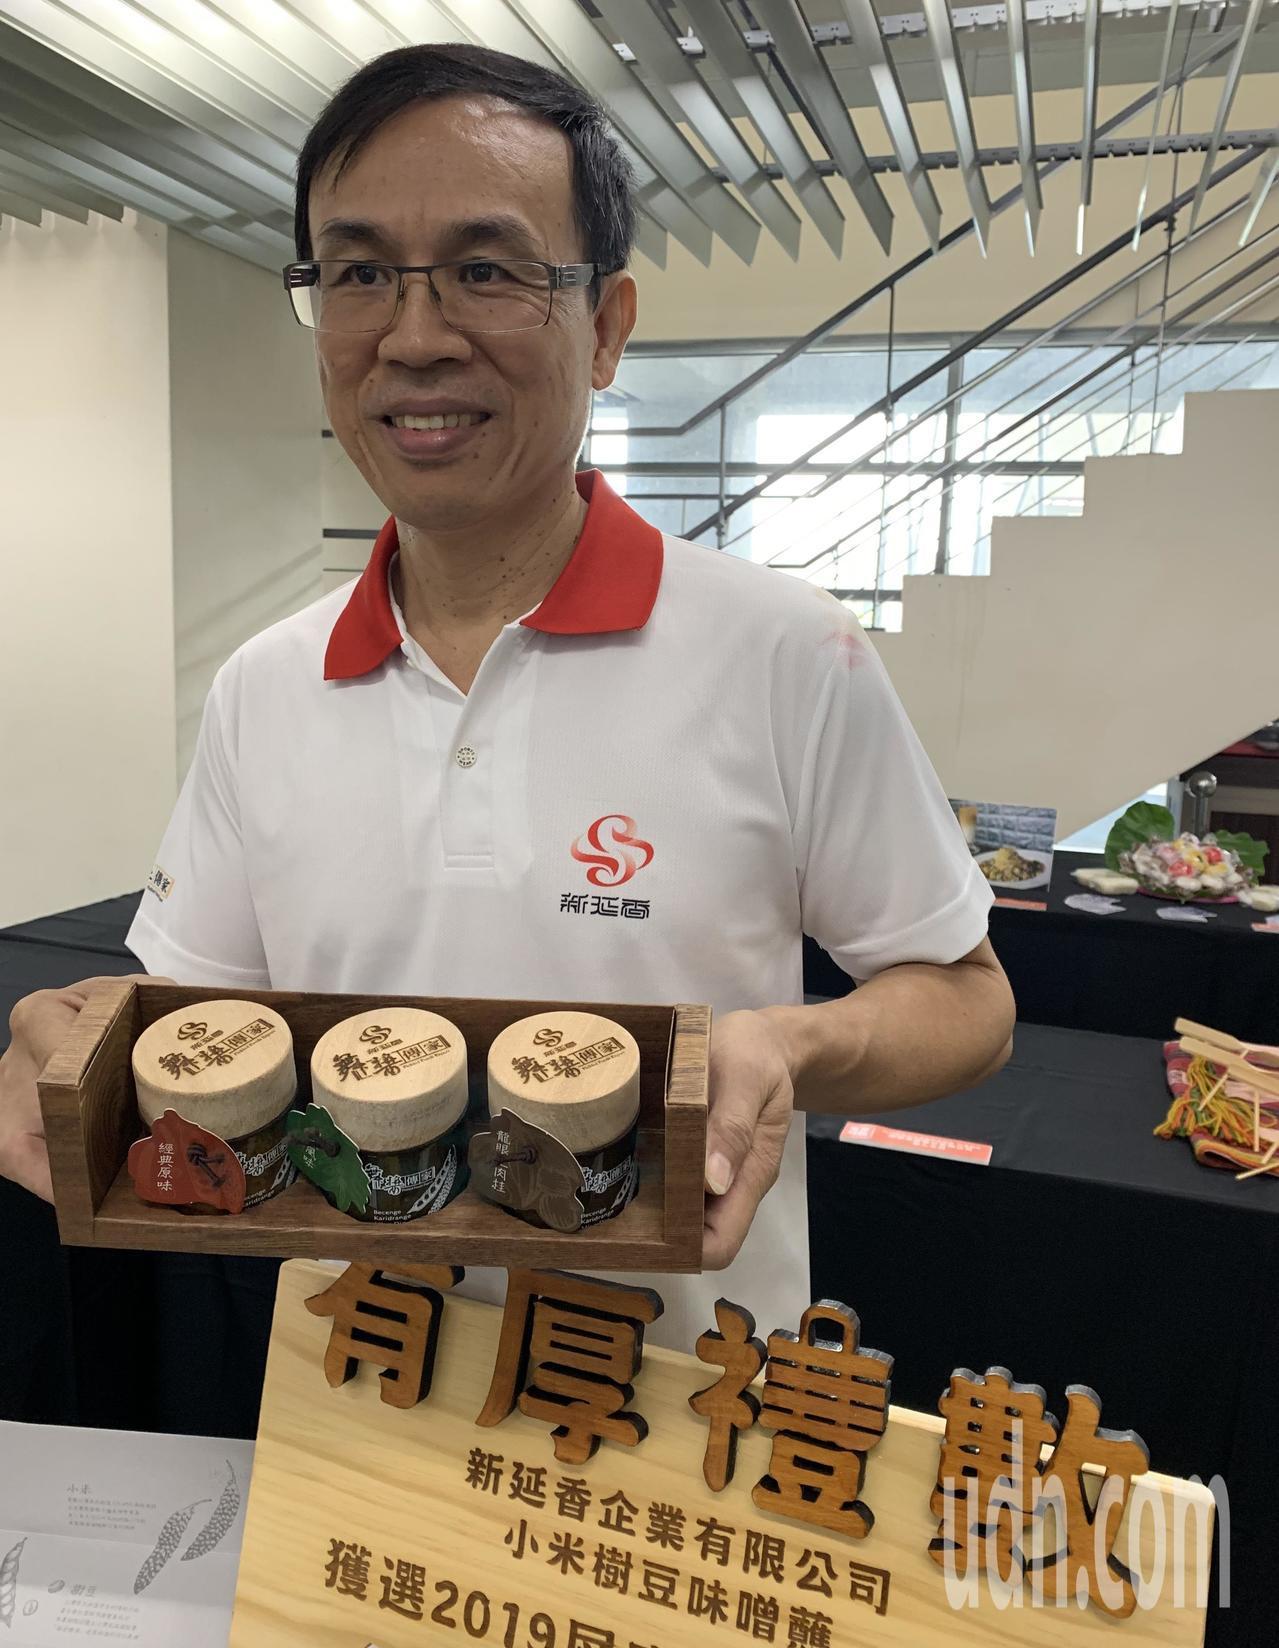 傳承三代的新延香公司,今年以小米樹豆開發出新的味噌蘸,果然脫穎而出。記者翁禎霞/...